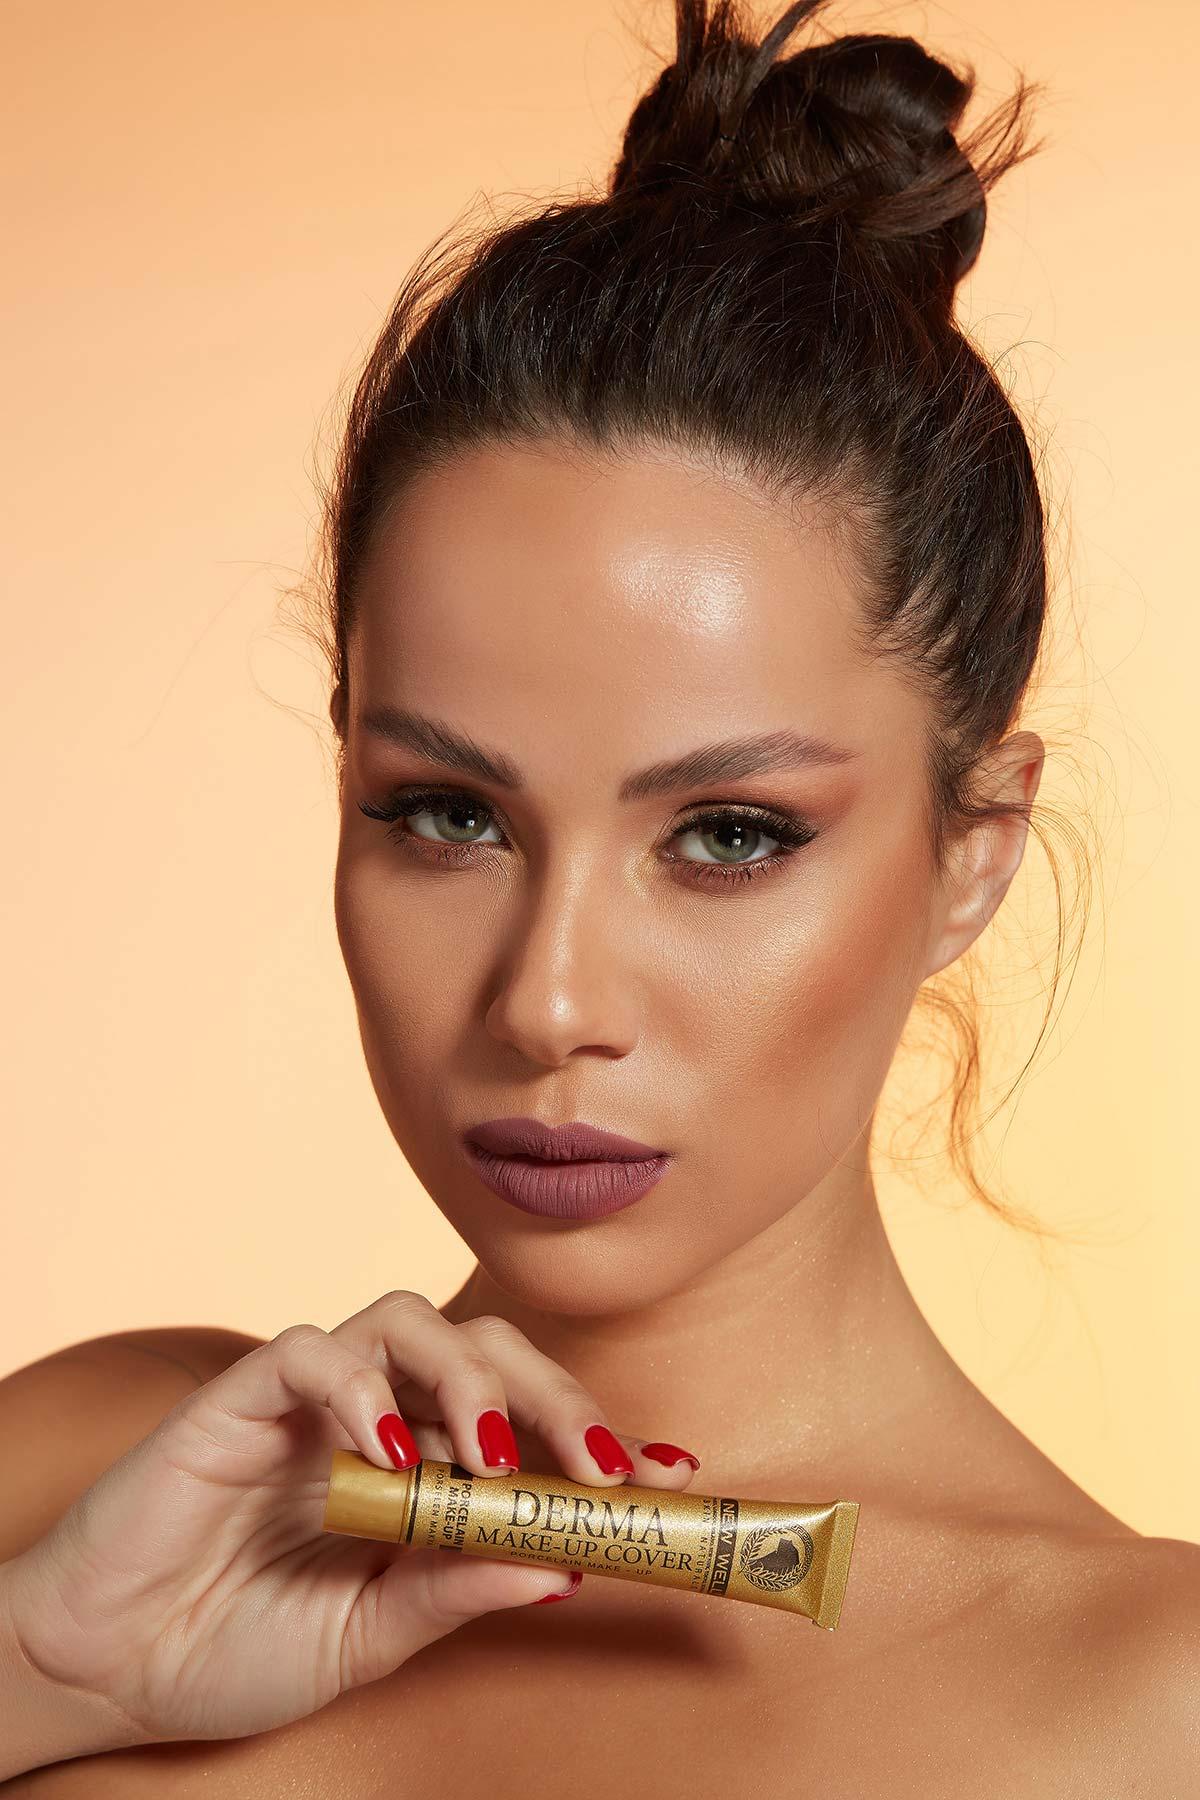 Derma Make-Up Cover Foundation - Nickel -Fondöten - Foundation